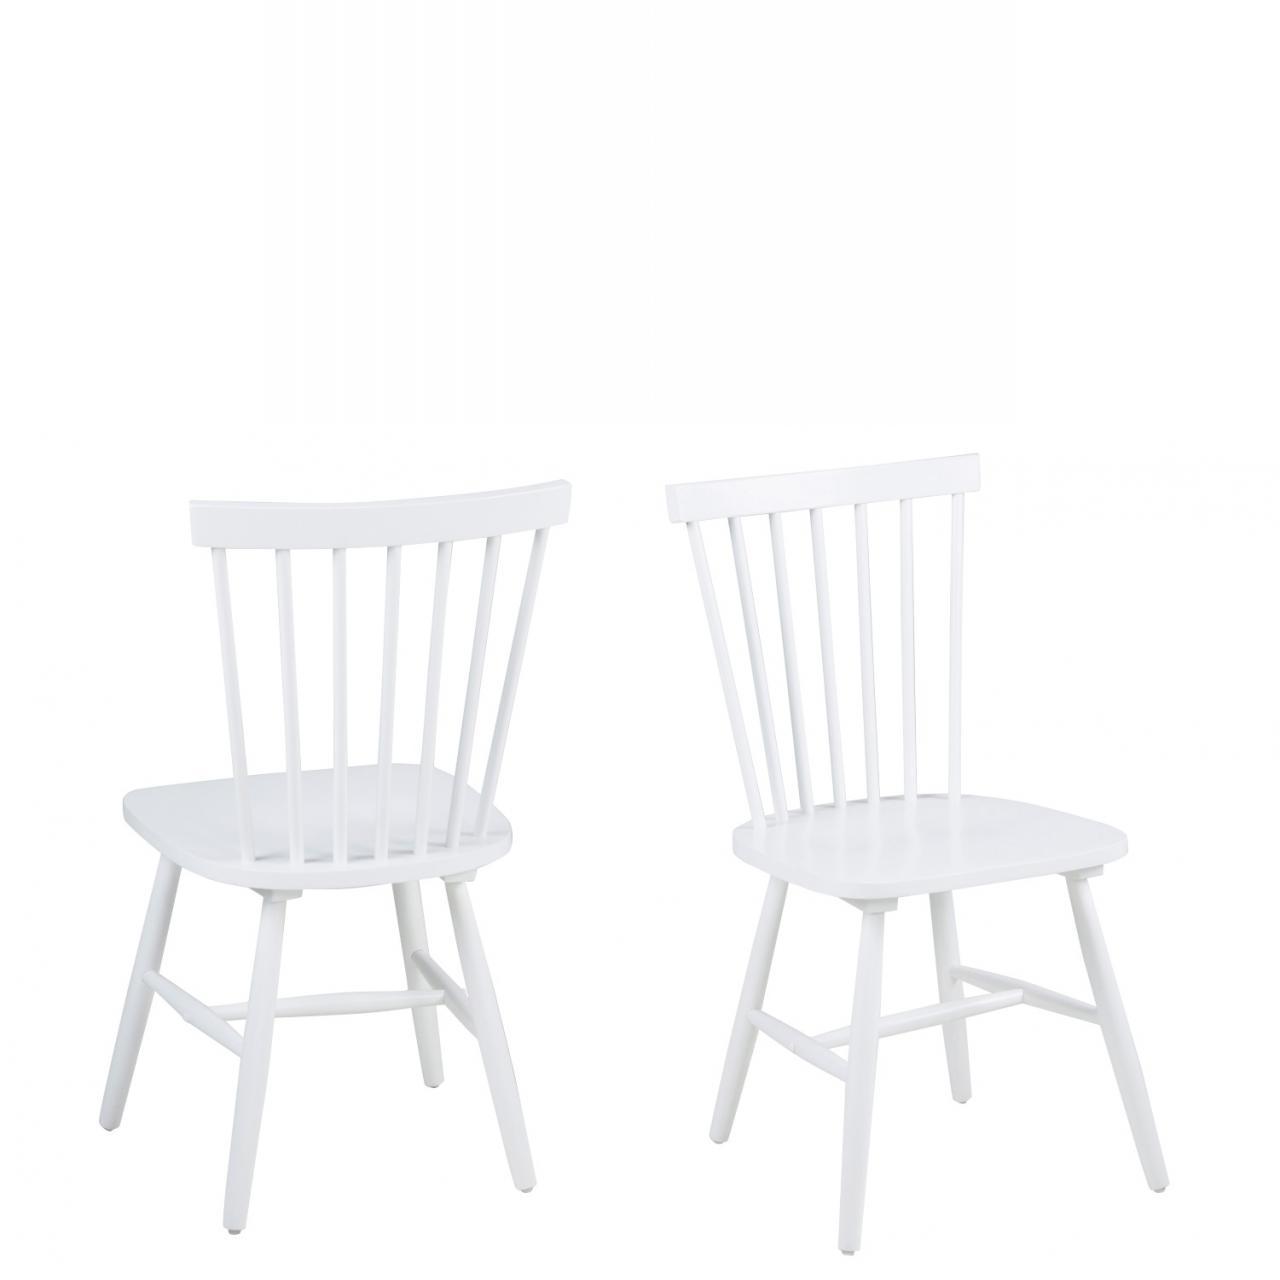 Esszimmerstuhl Riano 63658 Weiß Rubberwood Küchenstuhl Esszimmer Stuhl